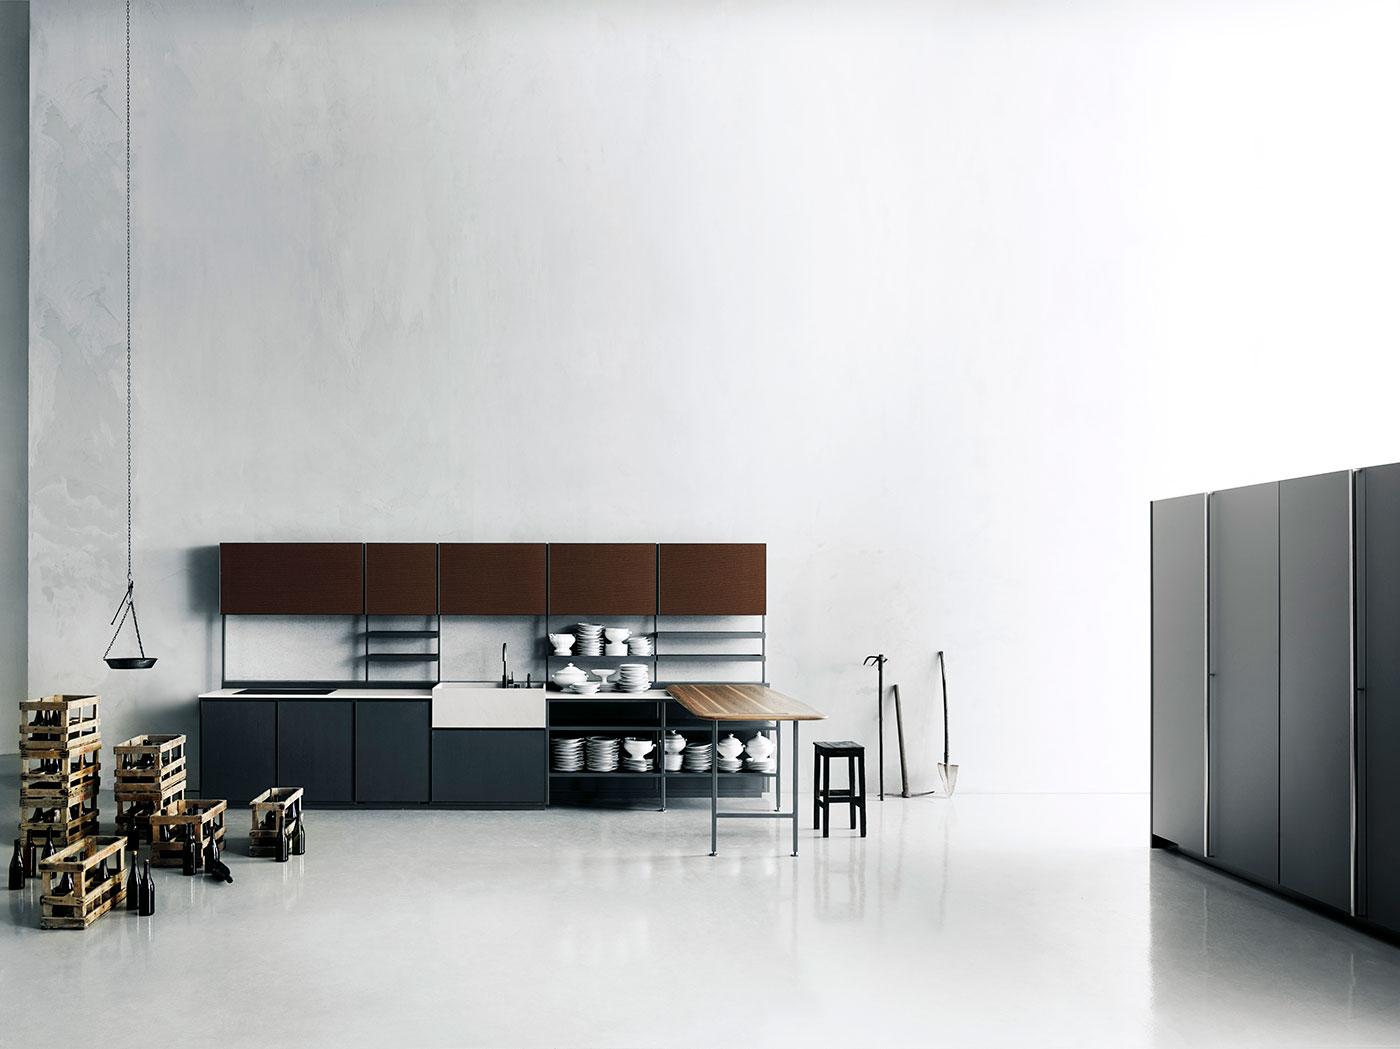 Obegi Home Boffi Salinas Kitchen and Wall Units and Hide By Tommasosartori 2 High